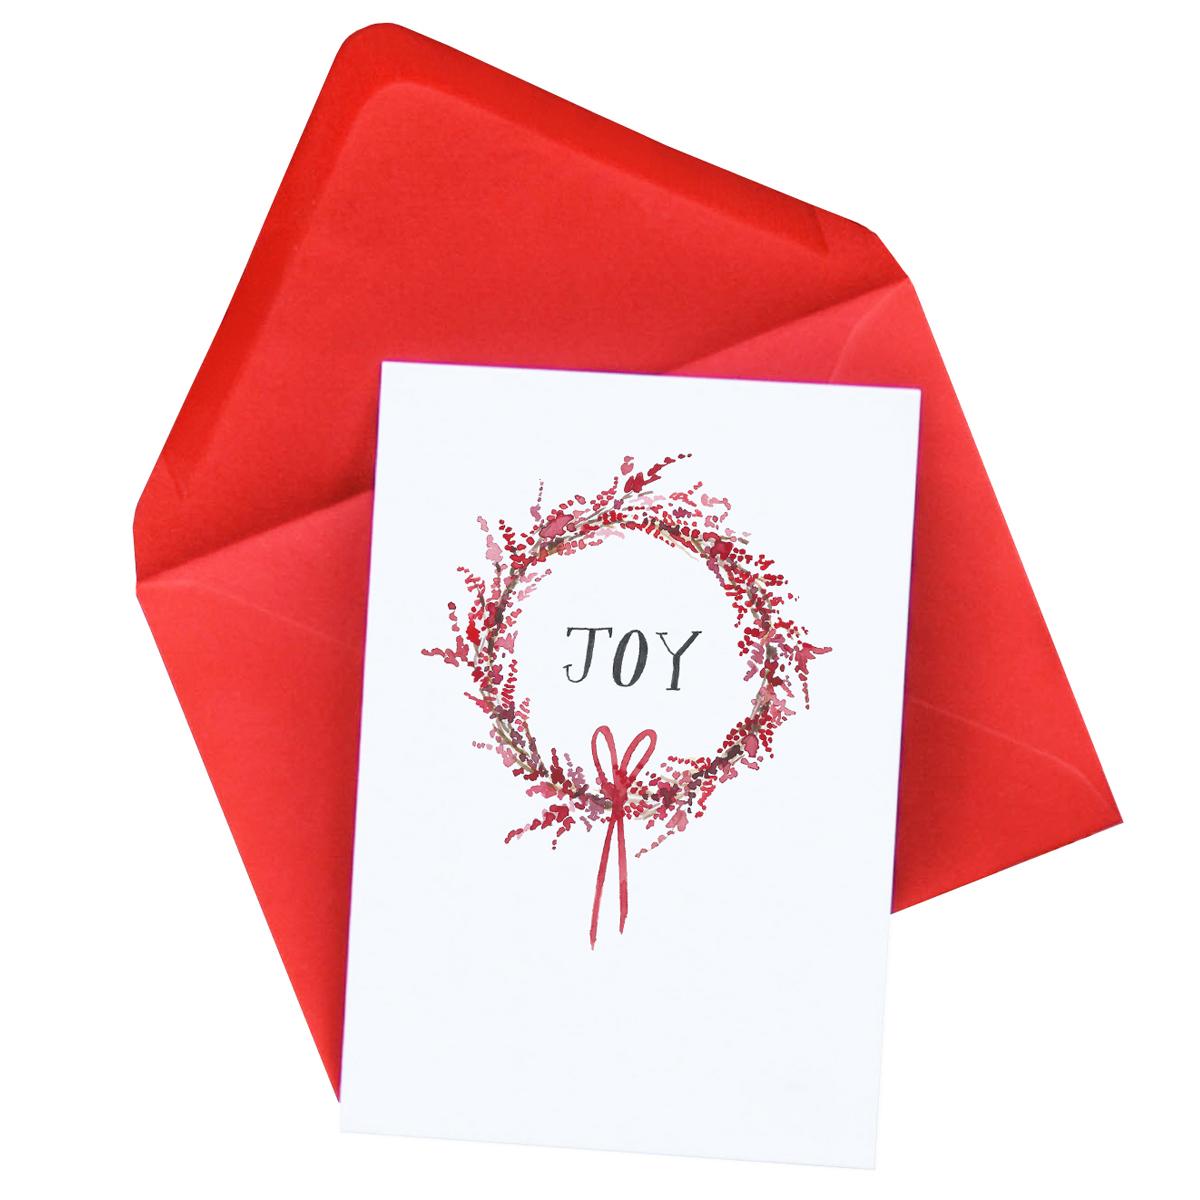 Joy Christmas Card  £2.50